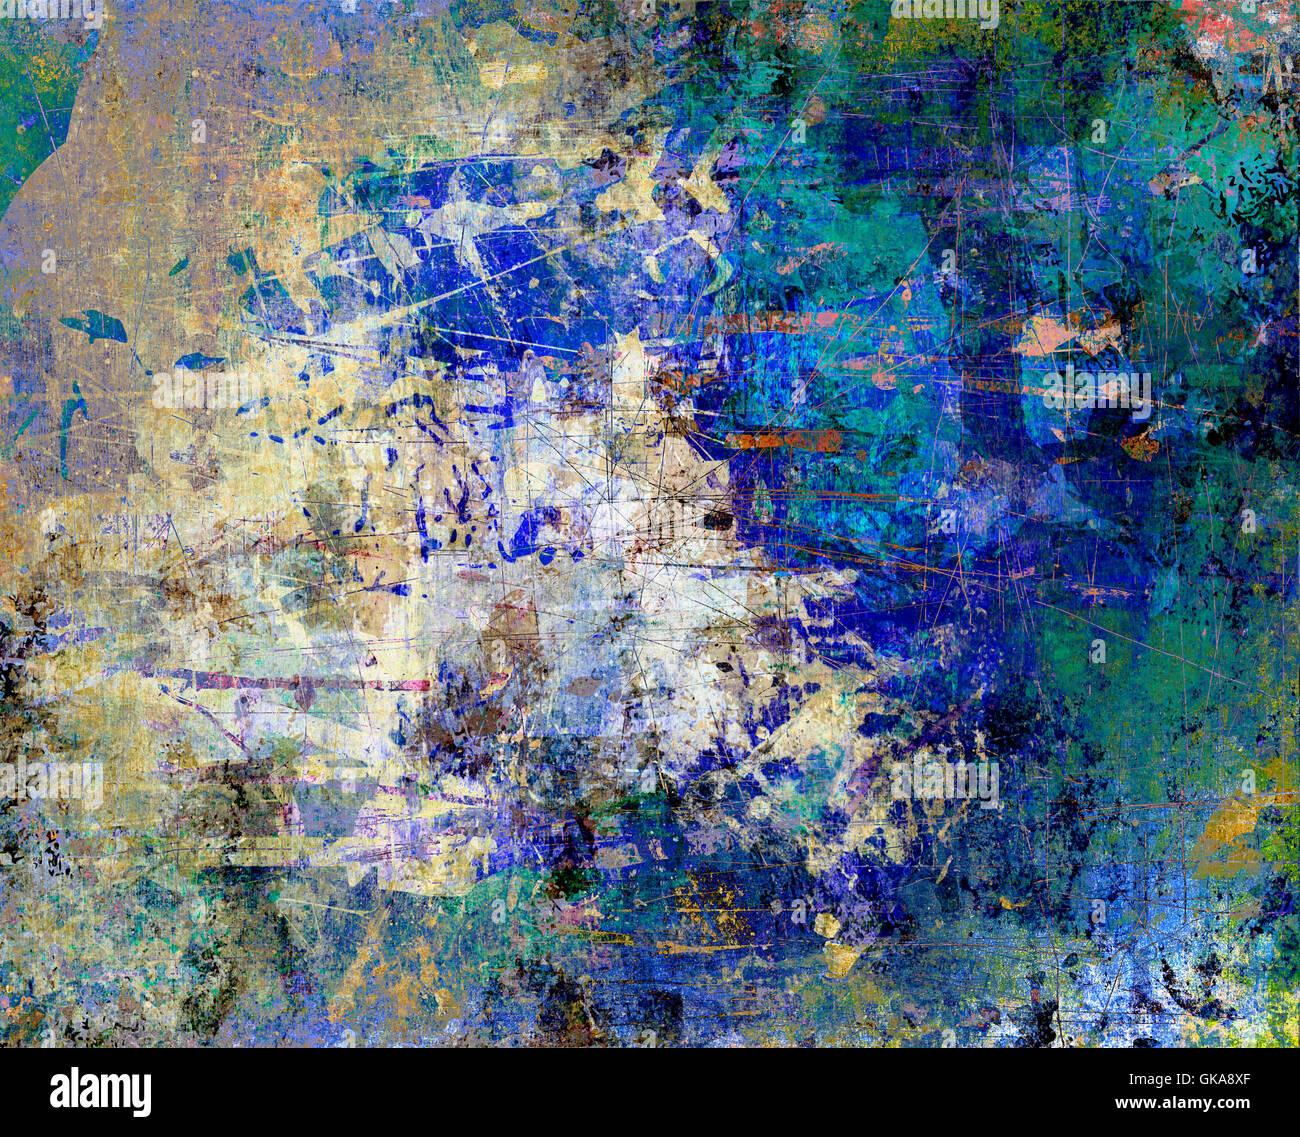 painting textures retro Stock Photo 115167207 Alamy